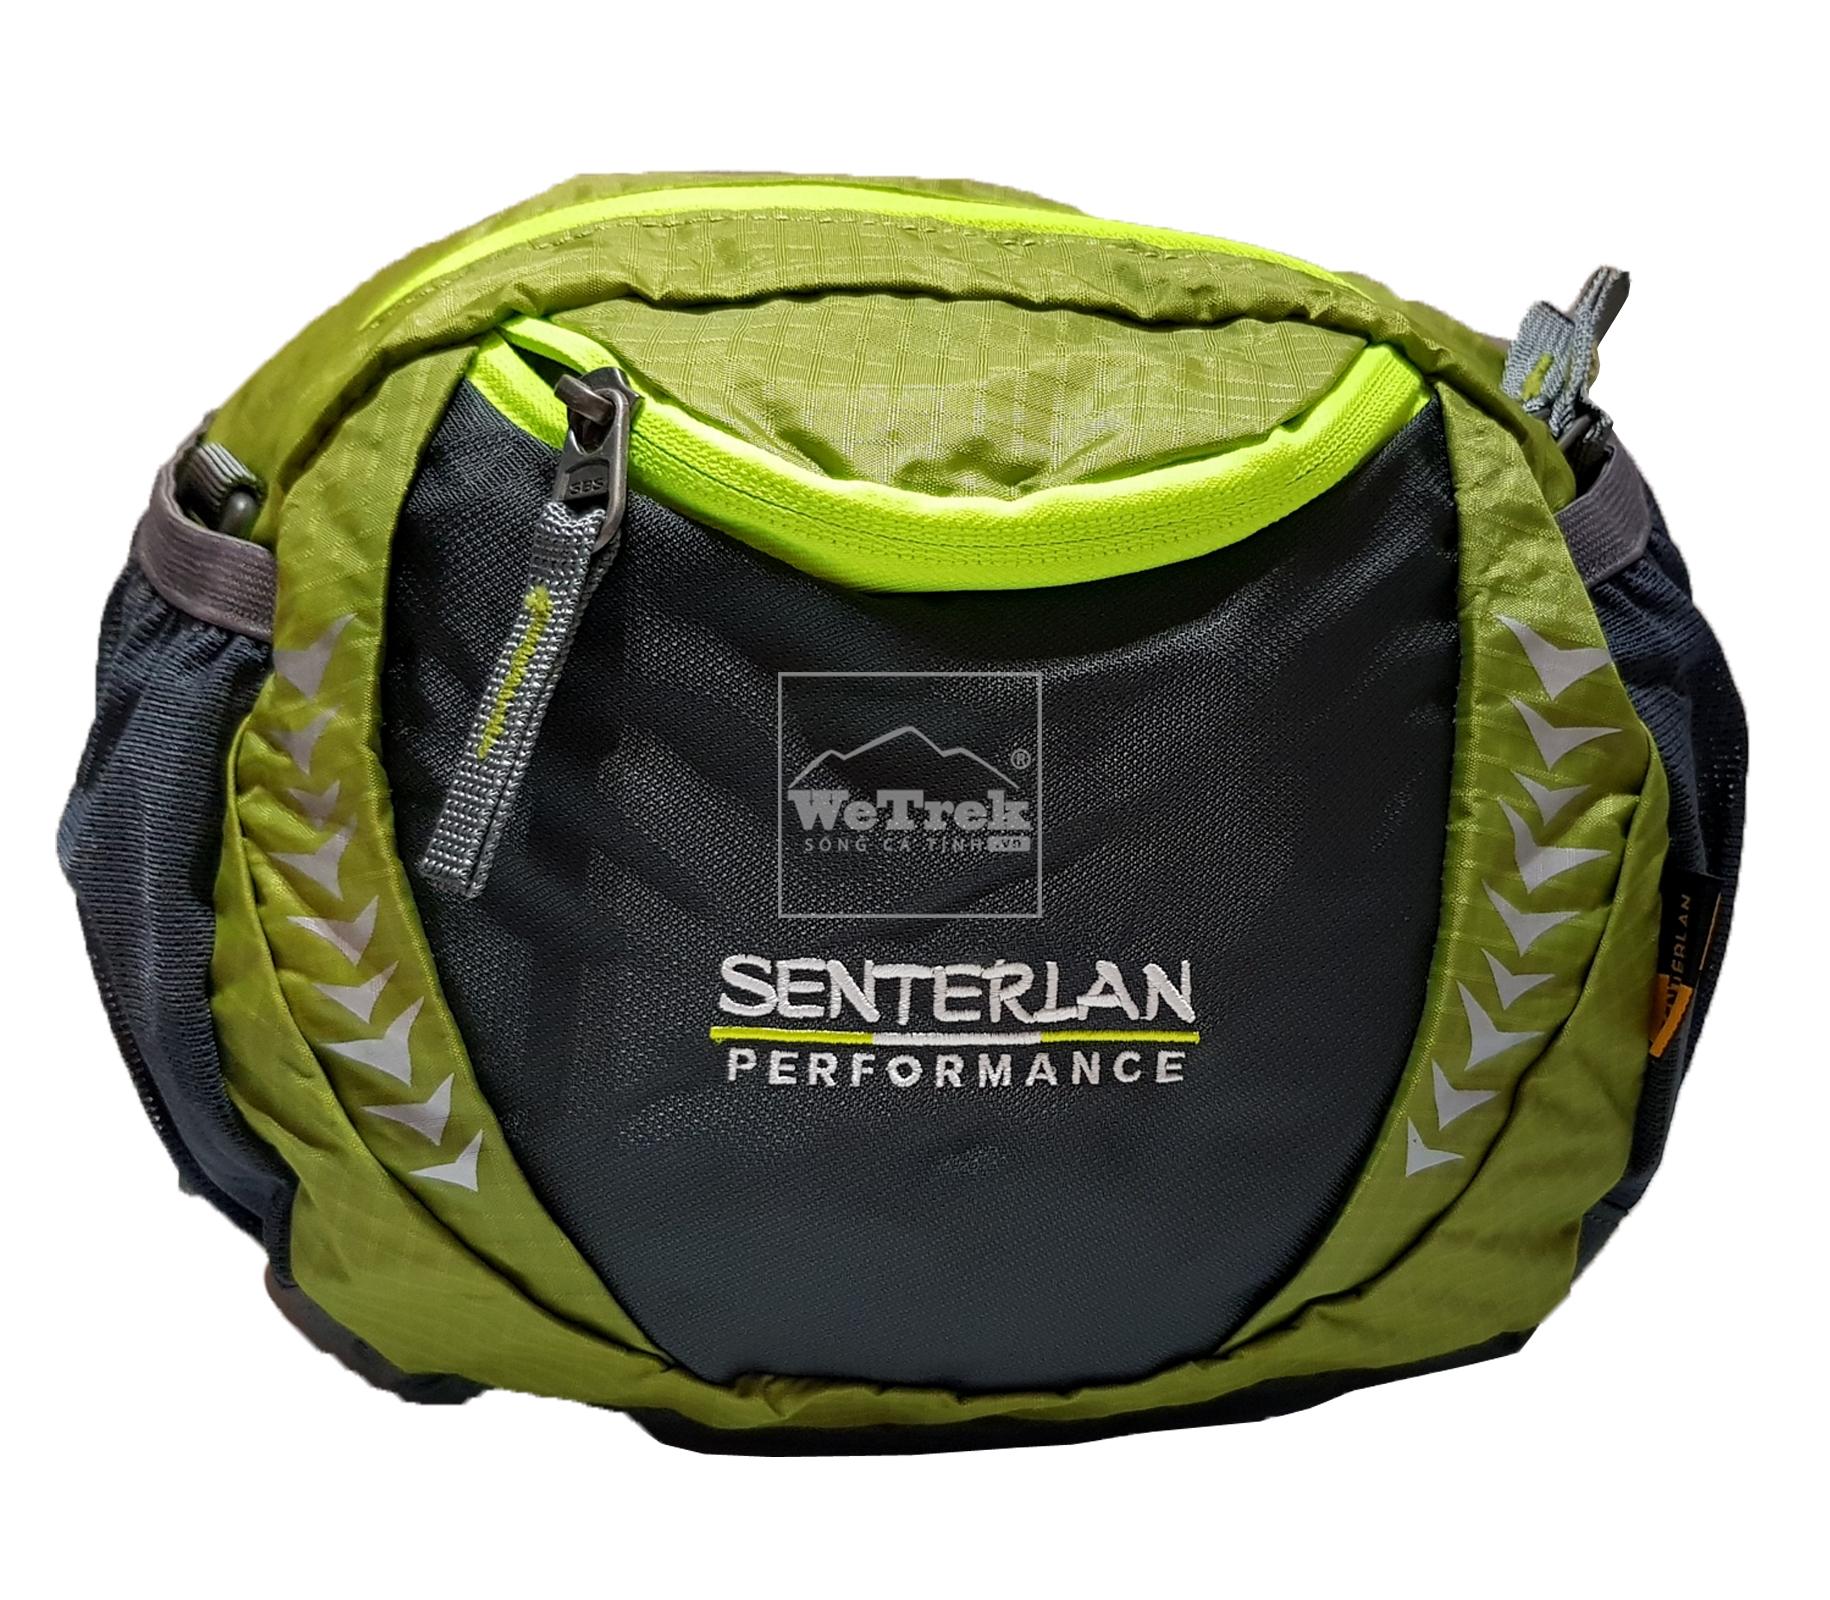 Túi đeo bụng Senterlan Performance S2303 Xanh lá - 9244